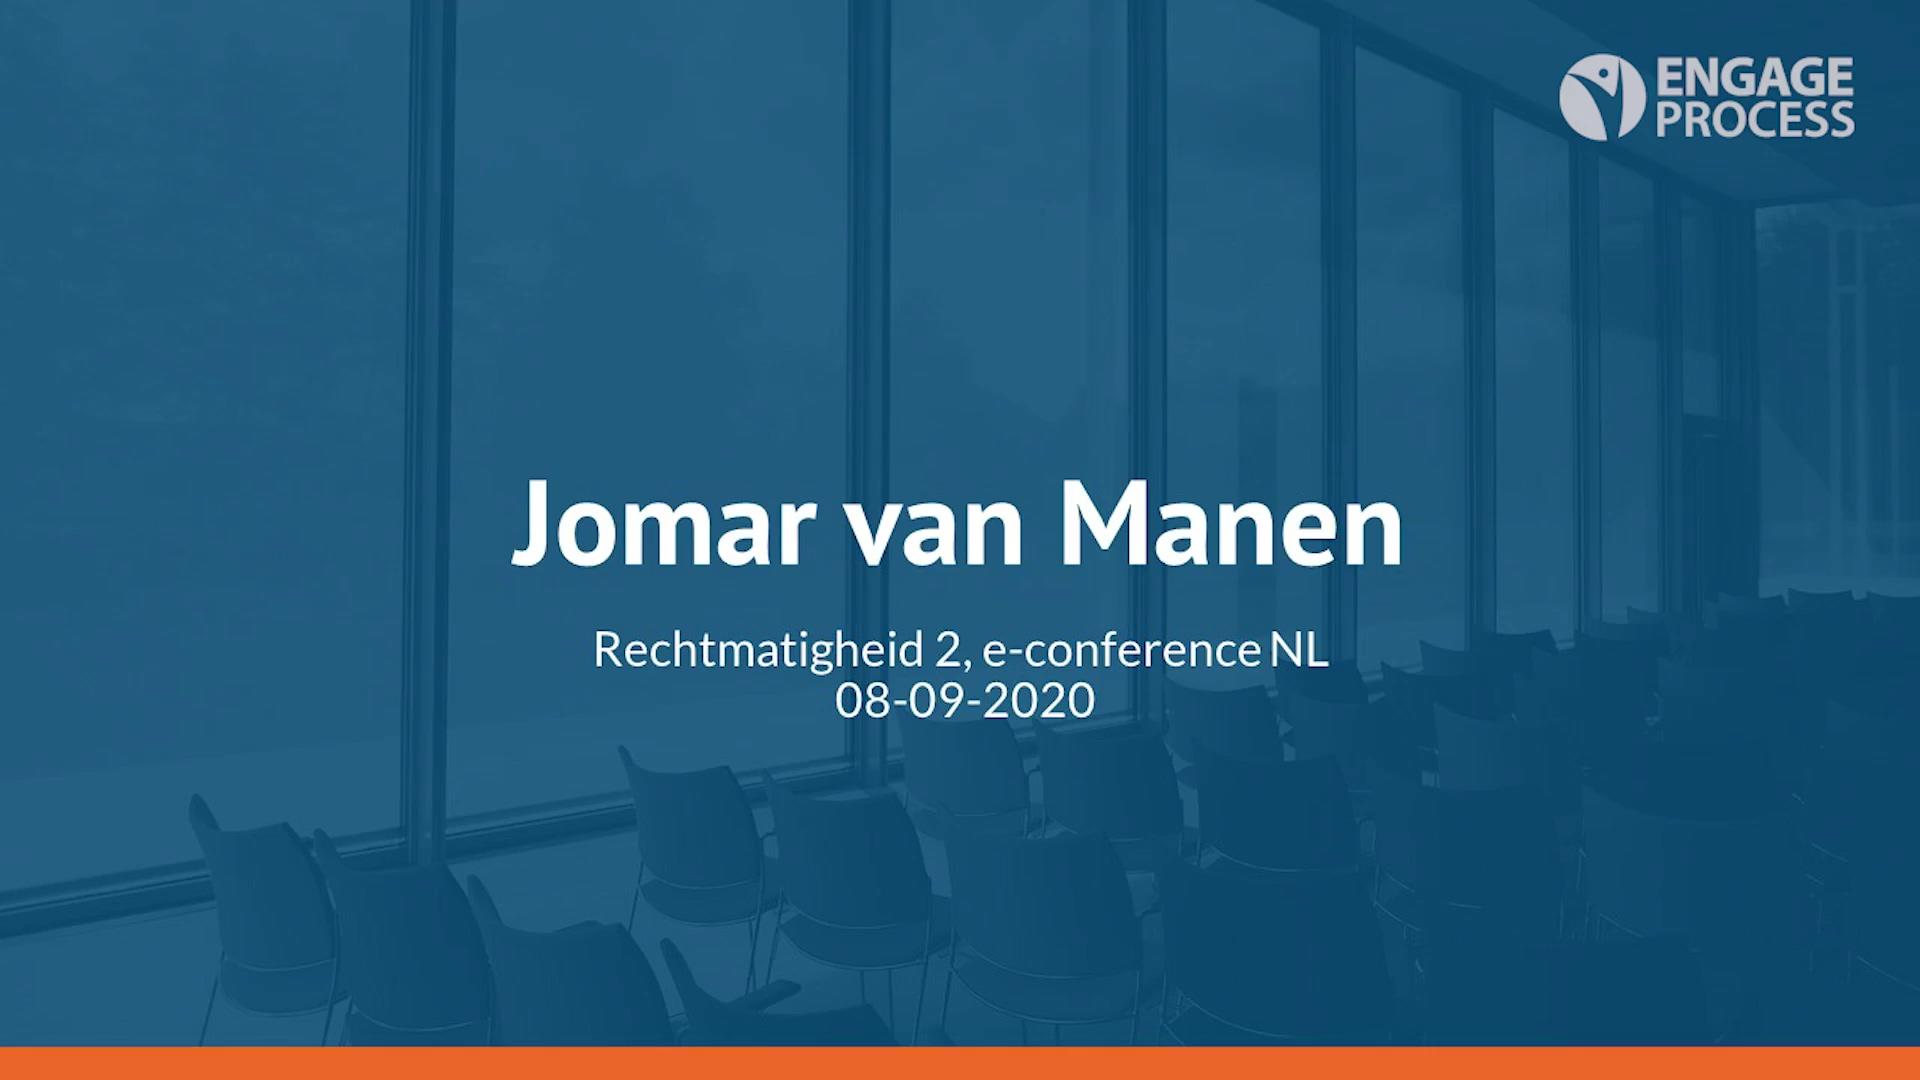 Rechtmatigheid 2 Jomar Van Manen-1